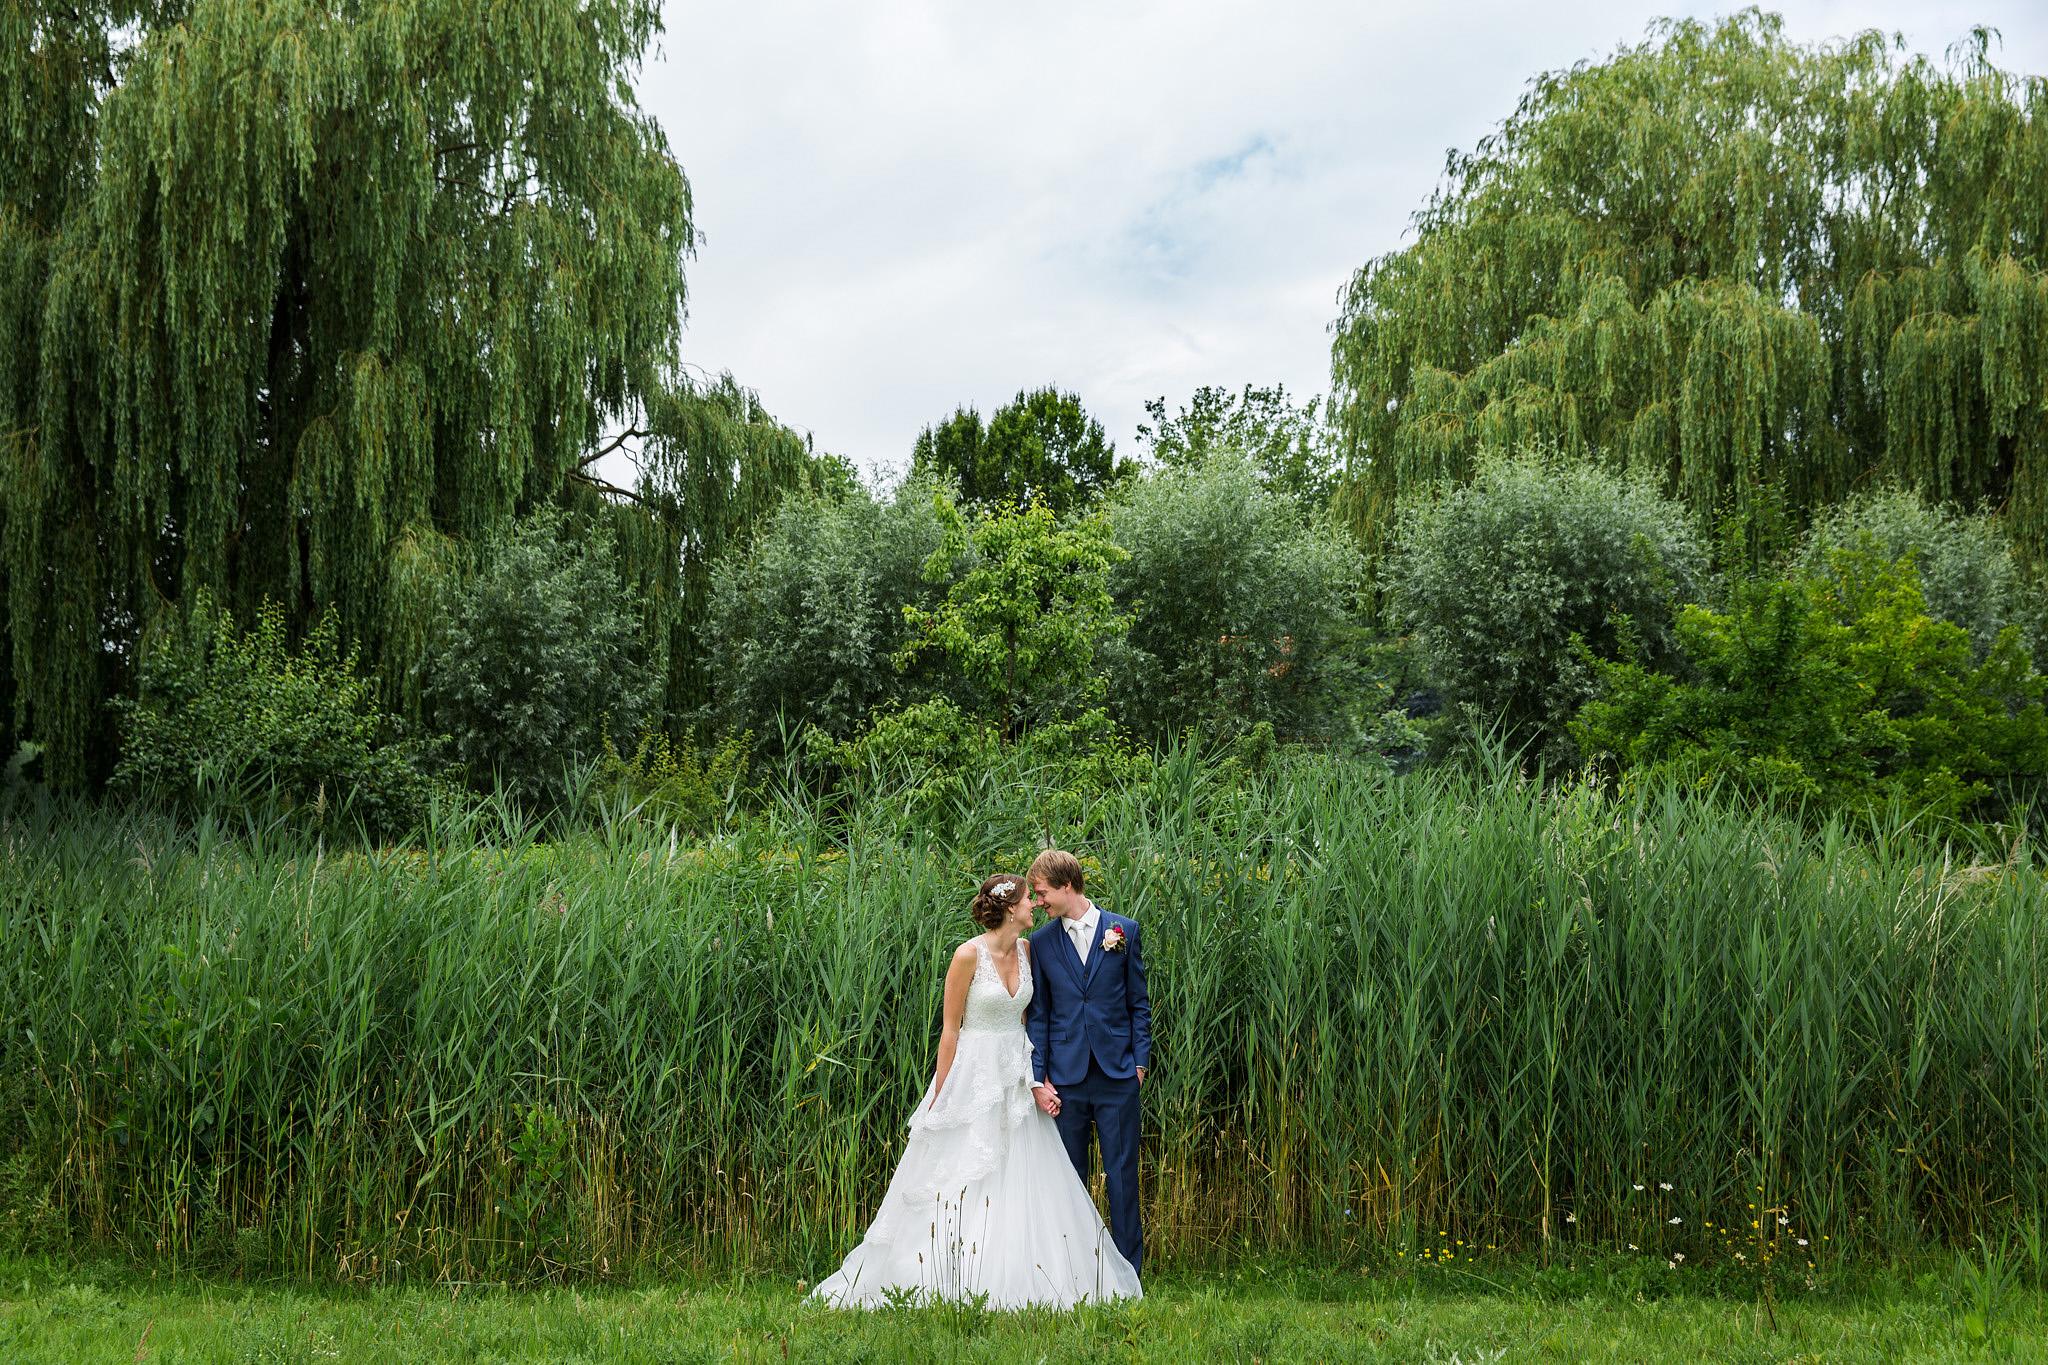 fotoshoot bruidspaar fotoreportage